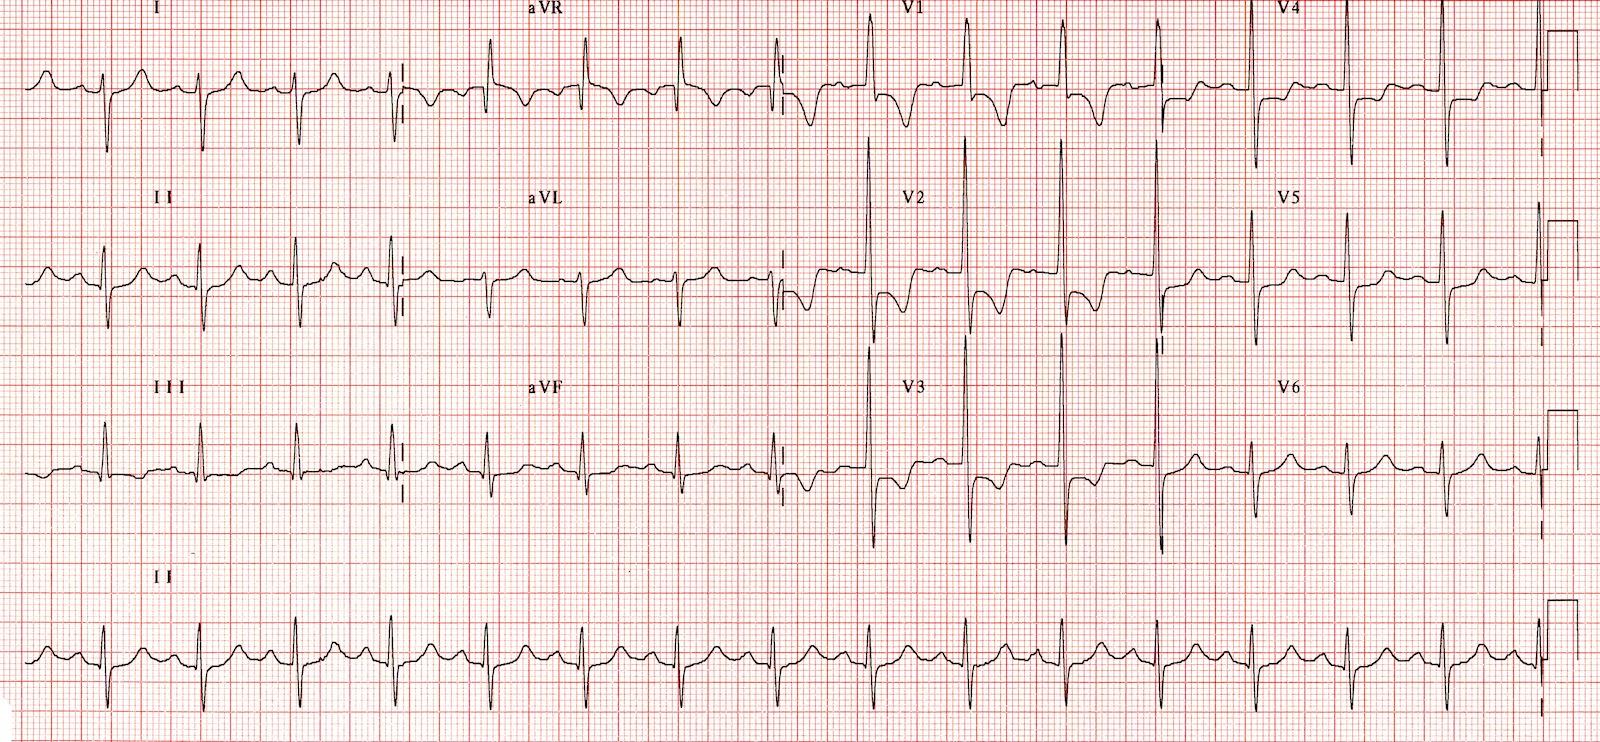 Sağ ventriküler hipertrofi Kaynak: lifeinthefastlane.com - ECG library